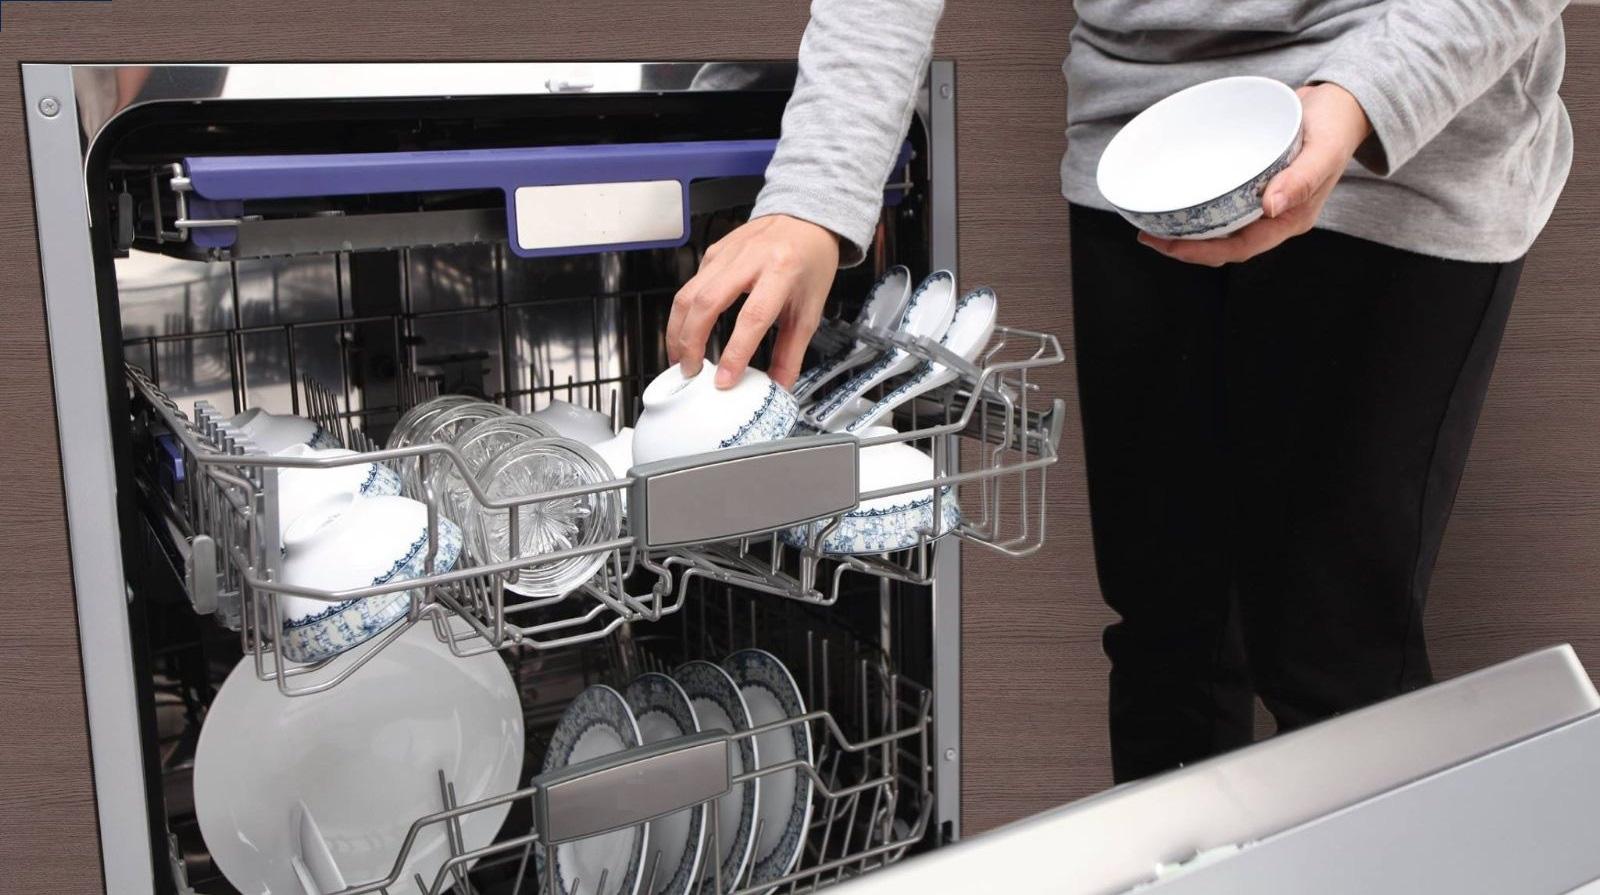 Bí quyết giúp các chị em sử dụng máy rửa bát vừa sạch mà hóa đơn chi phí và tiền điện nước hàng tháng như không - Ảnh 4.